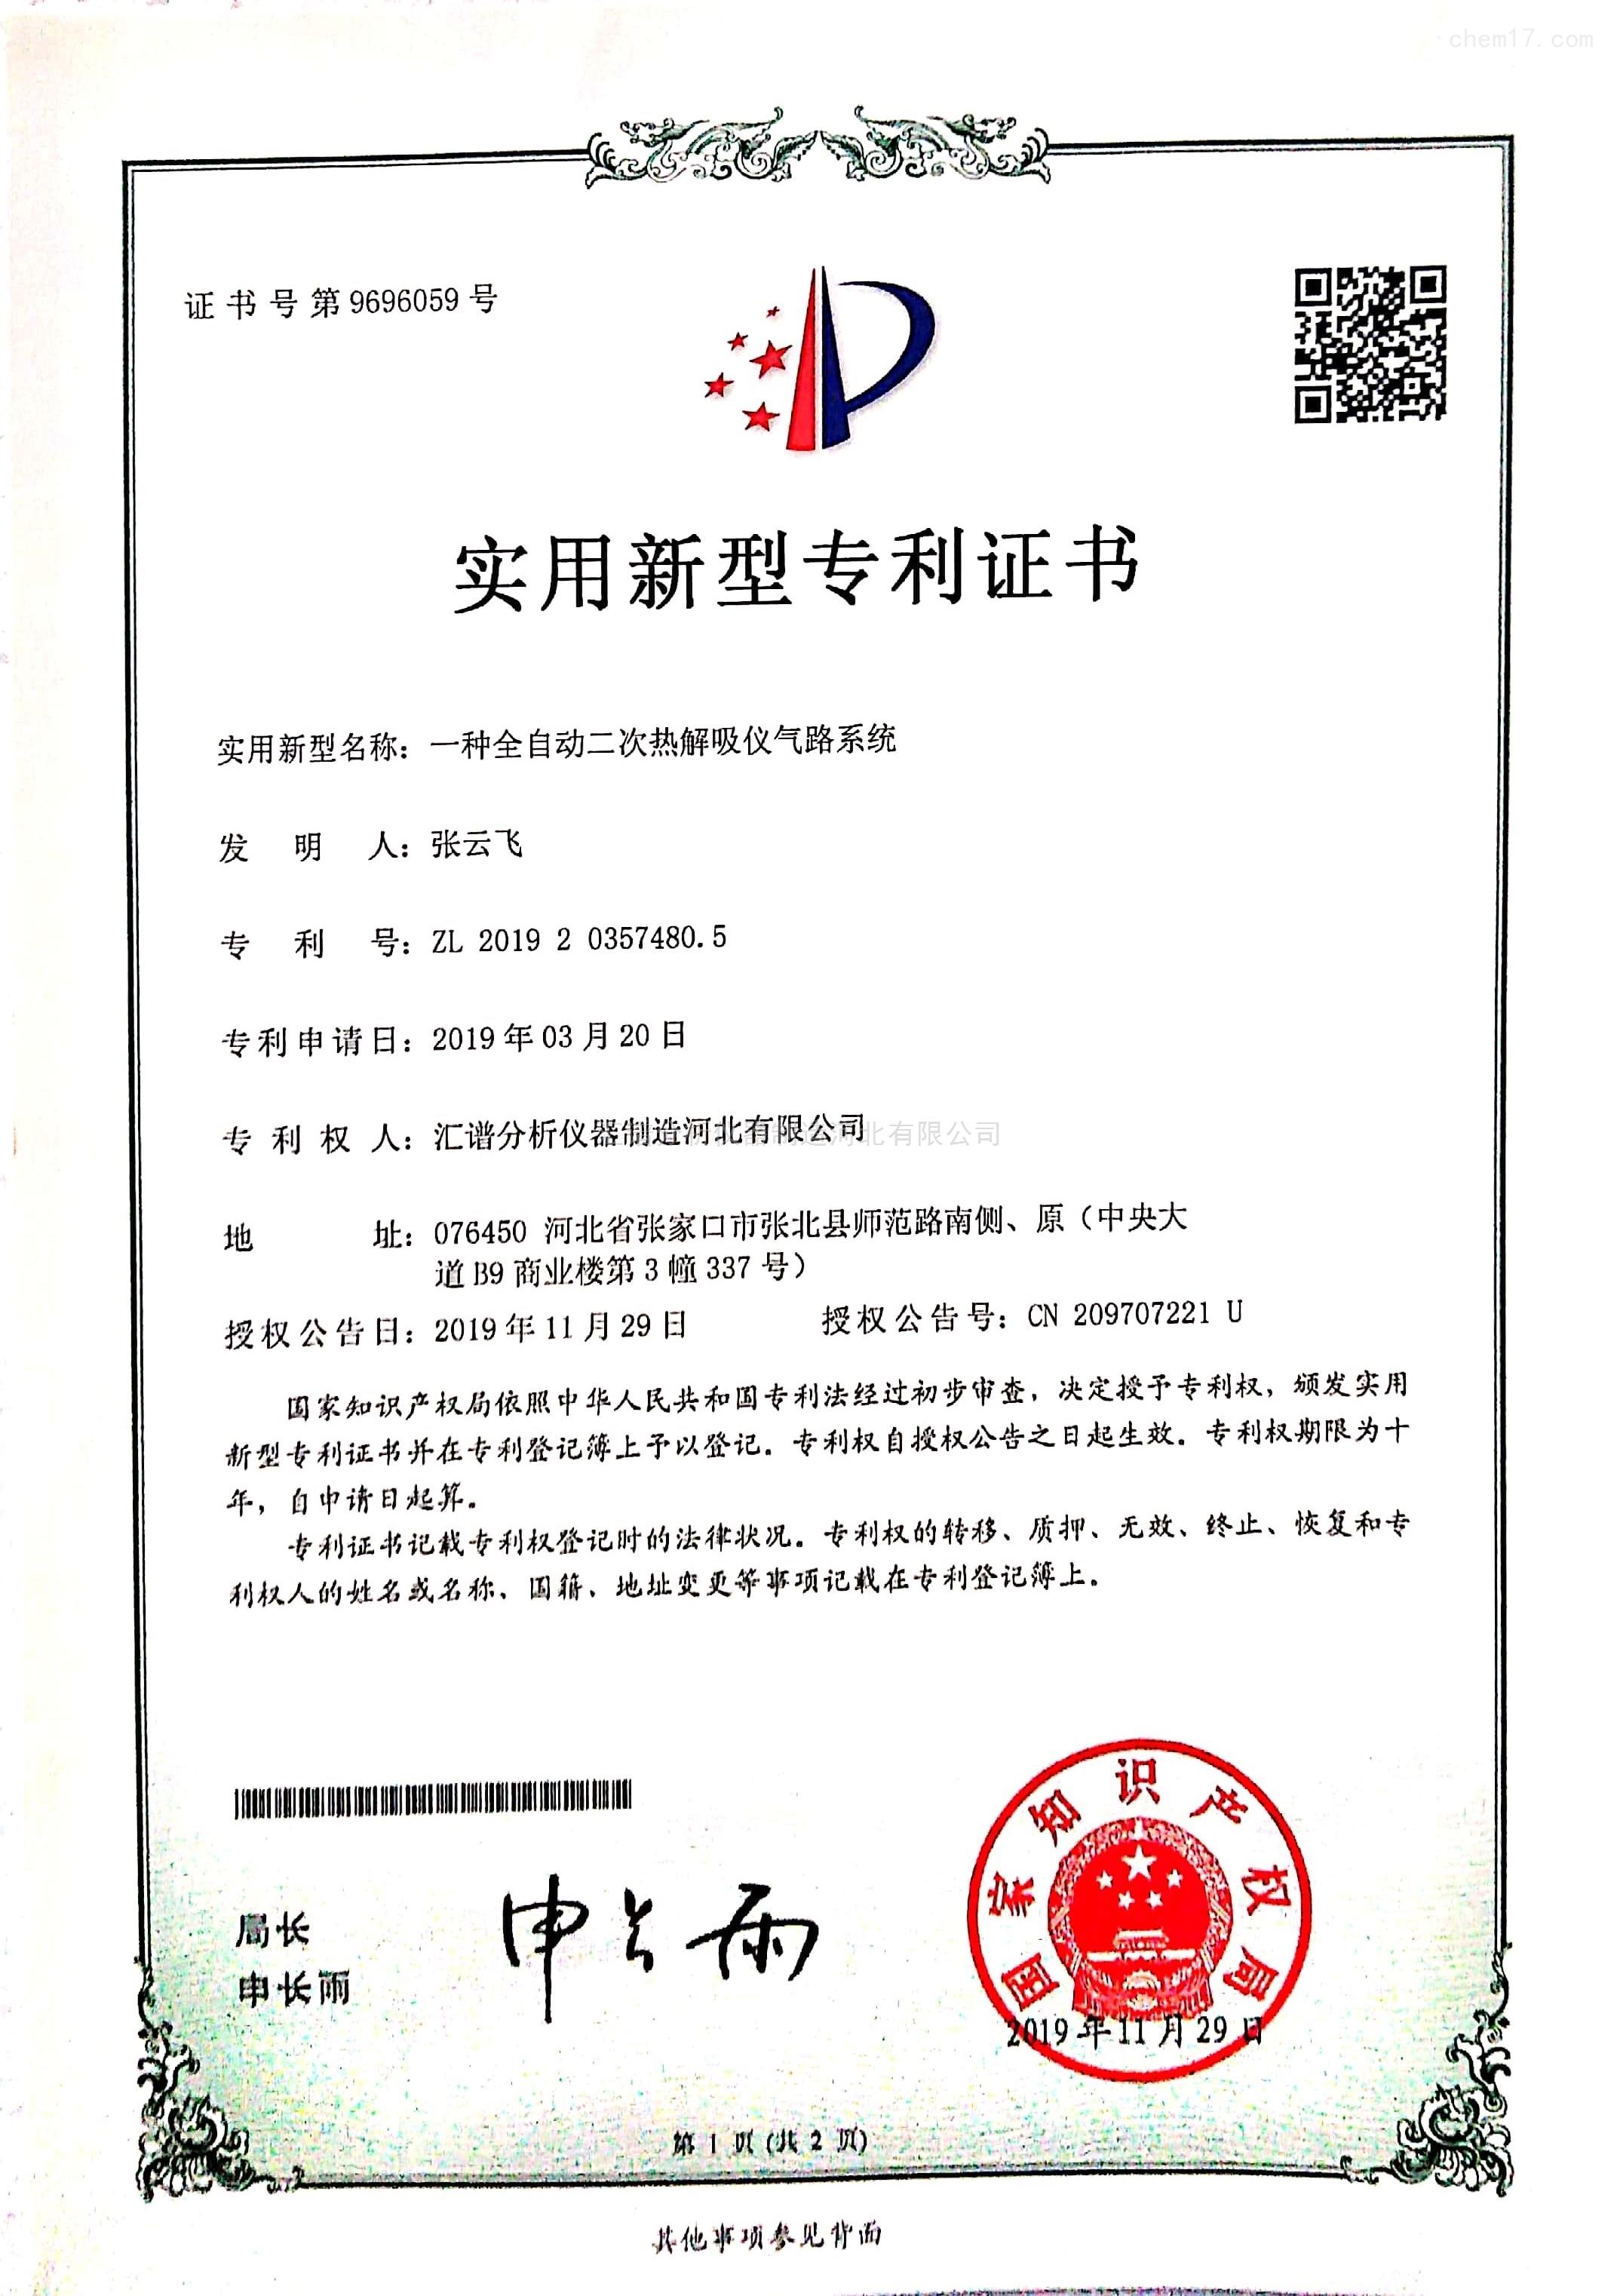 实用新型专利证书:一种全自动二次热解吸仪气路系统